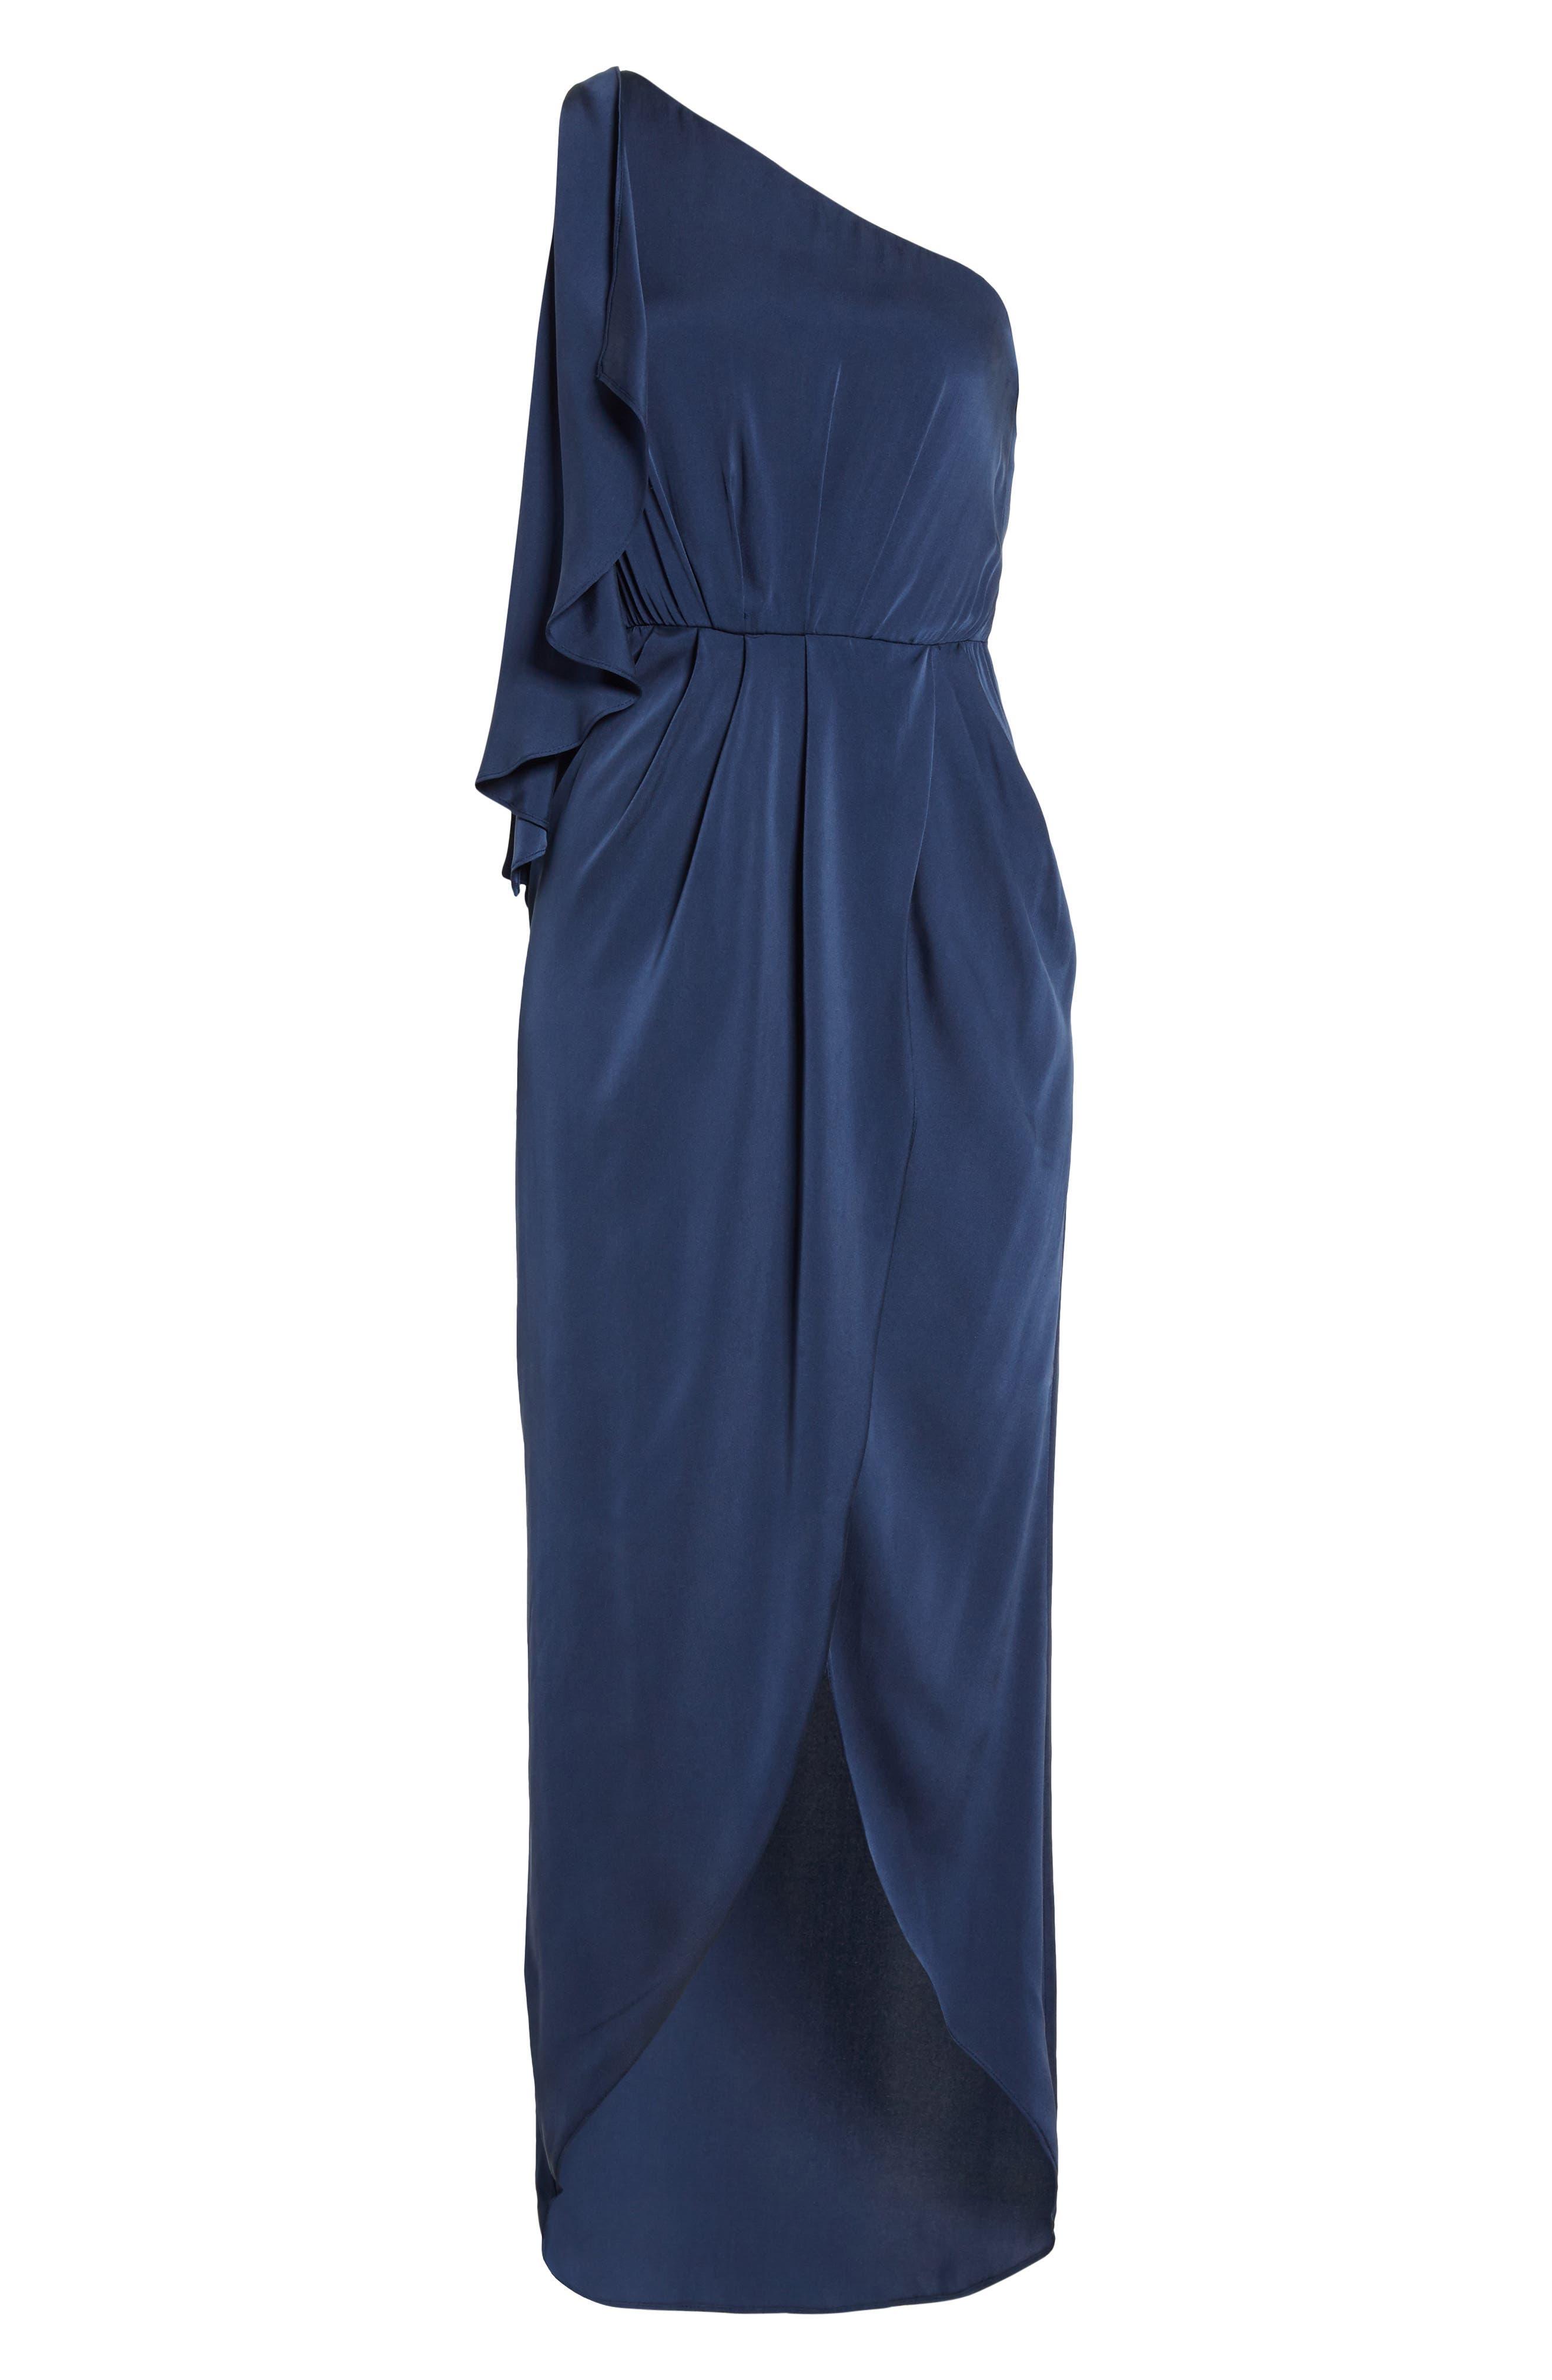 Oleta Side Drape Goddess Dress,                             Alternate thumbnail 6, color,                             460